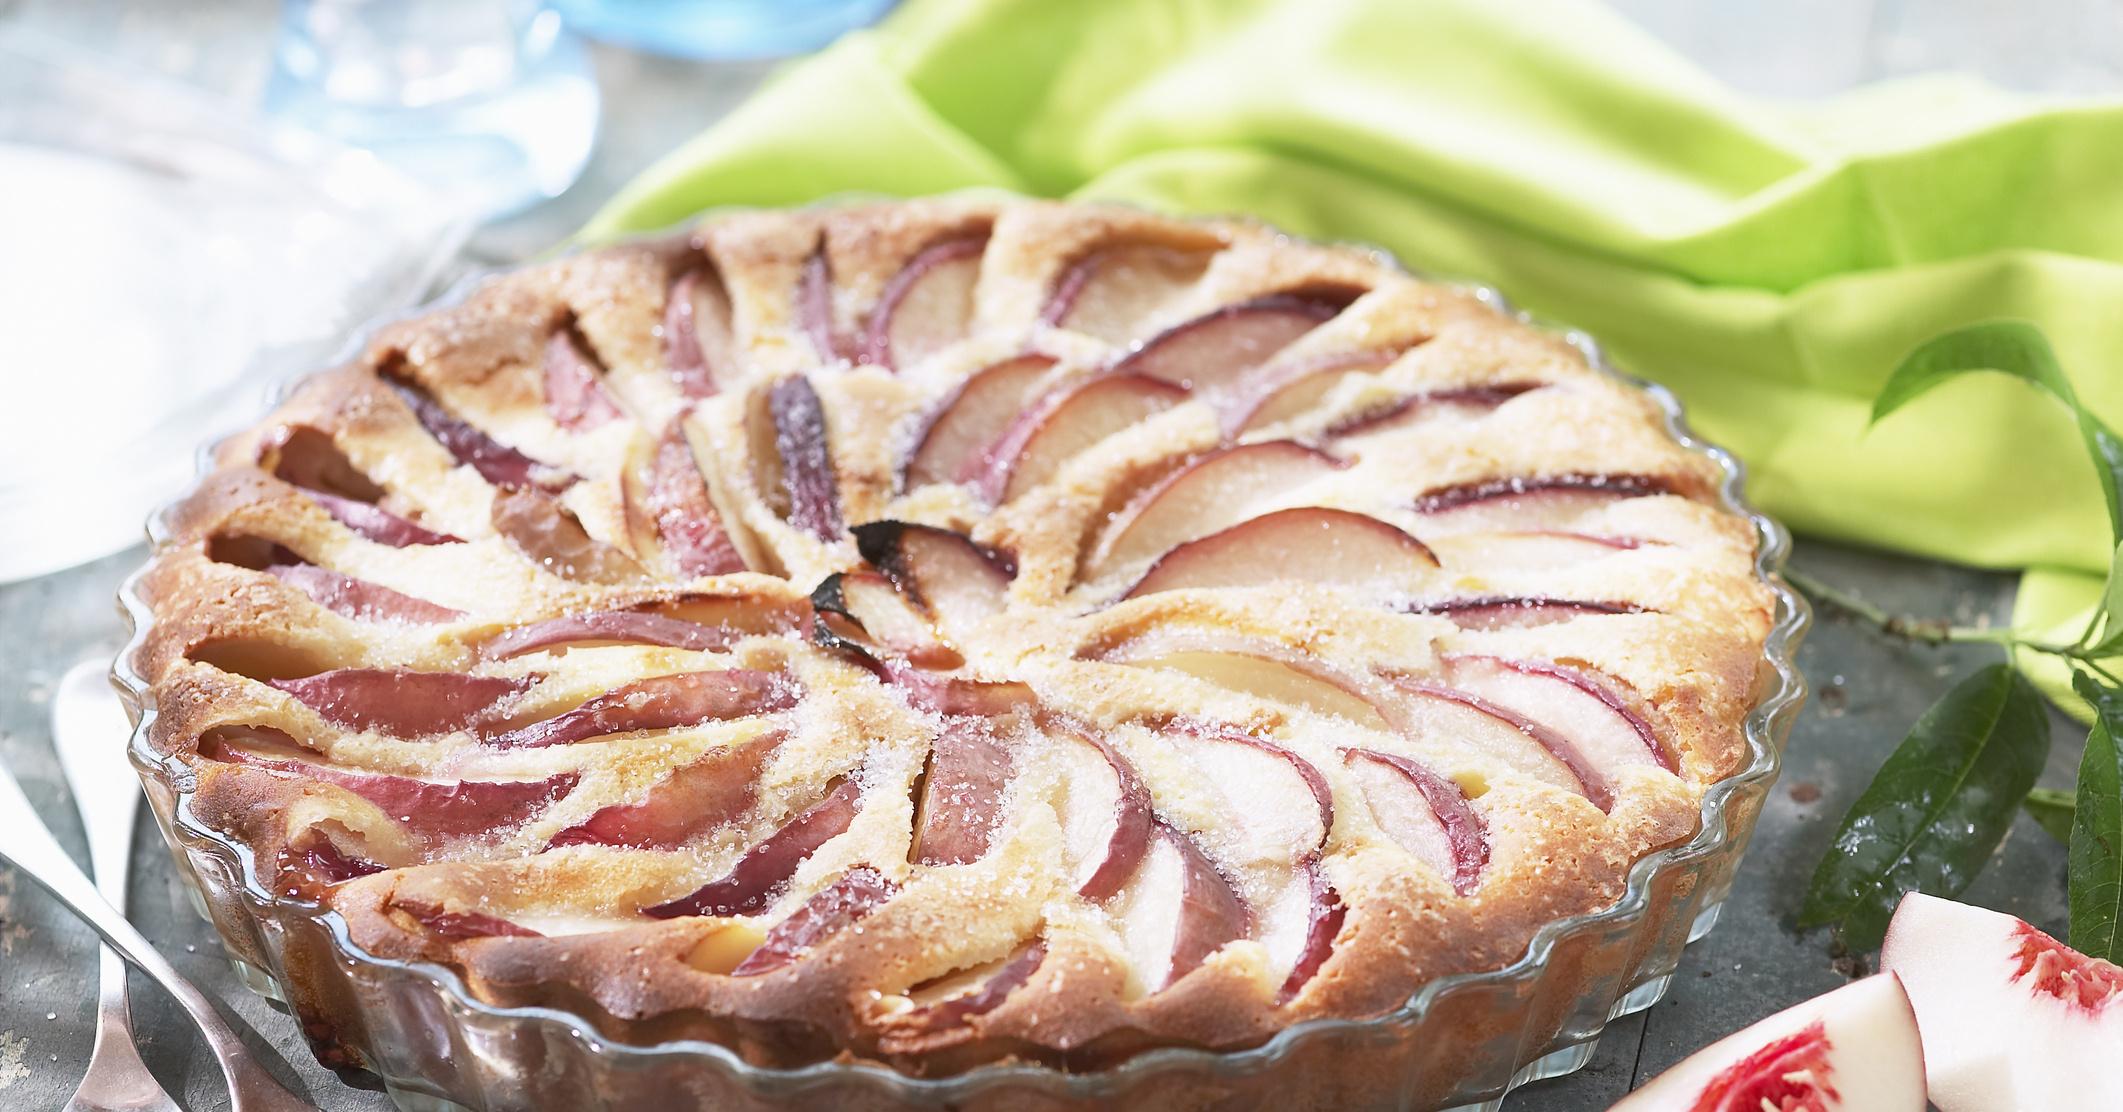 Пирог с персиками консервированными рецепт с фото